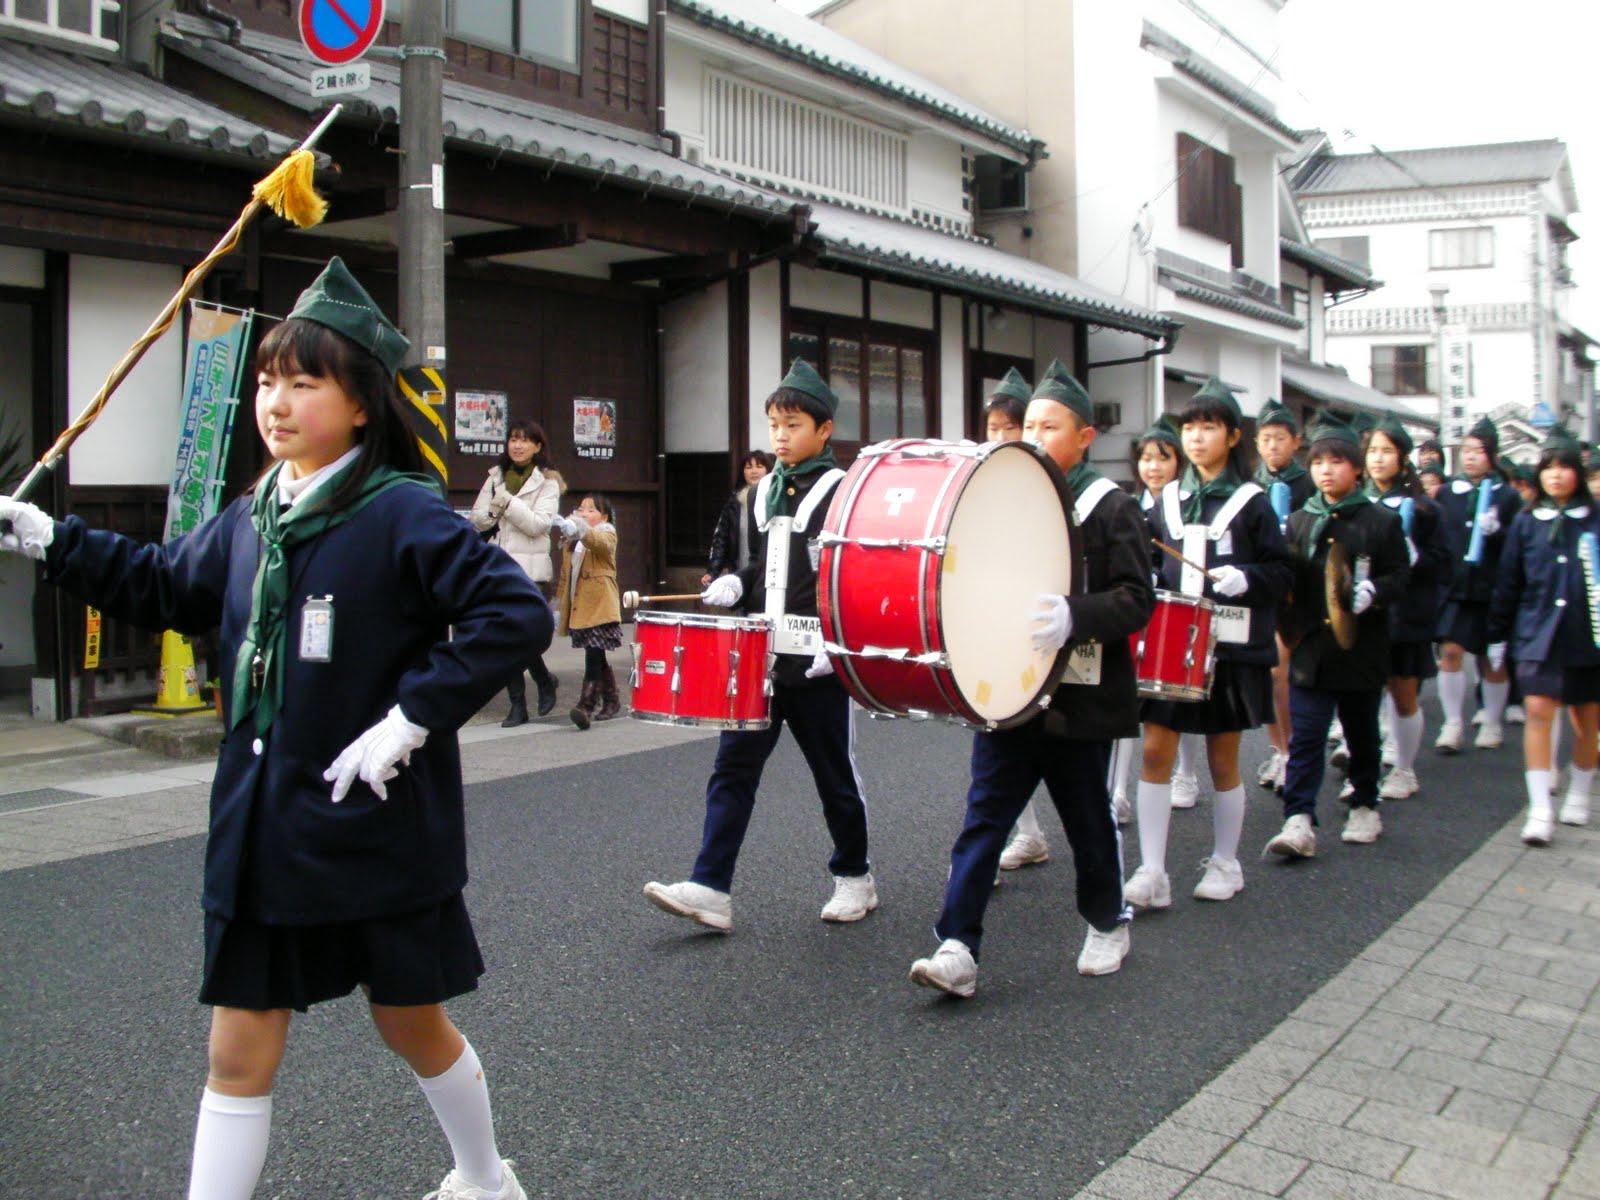 寒さにも負けず、立派に演奏を続けたその姿は、消防団の出初め式にふさわし... 山田小学校ブログ